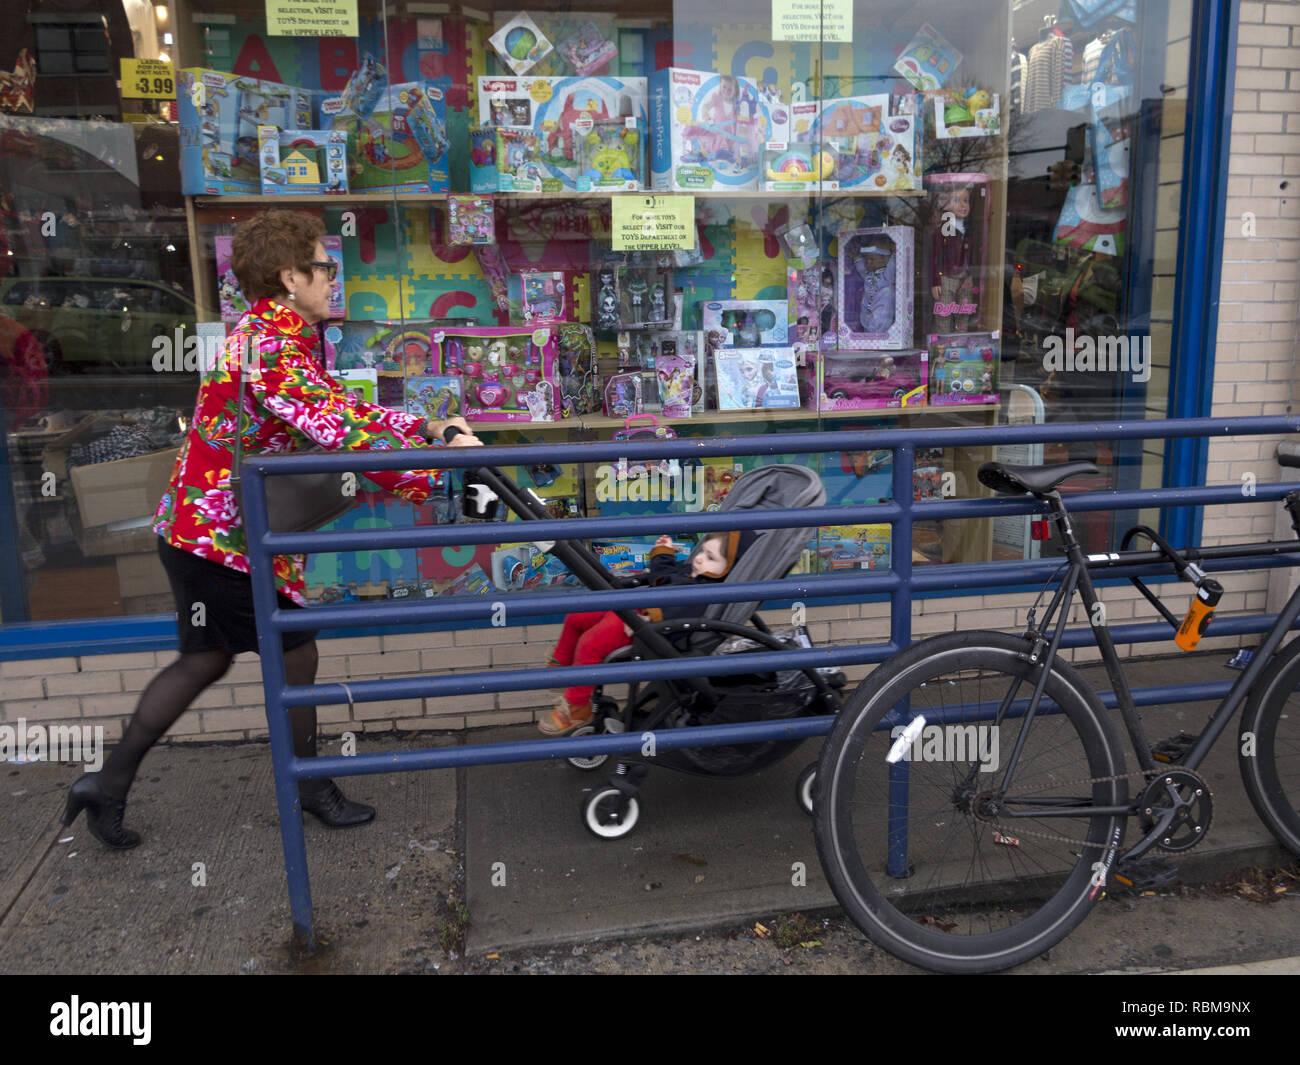 La abuela de llevar a su nieto a una tienda de juguetes, en la sección de Park Slope de Brooklyn, NY. Imagen De Stock